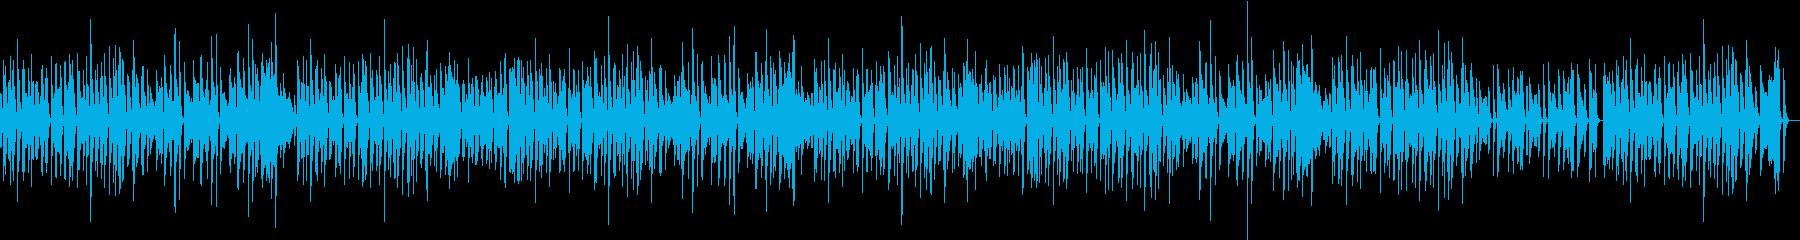 猫動画に♪ほっこりのんびりピアノBGMの再生済みの波形